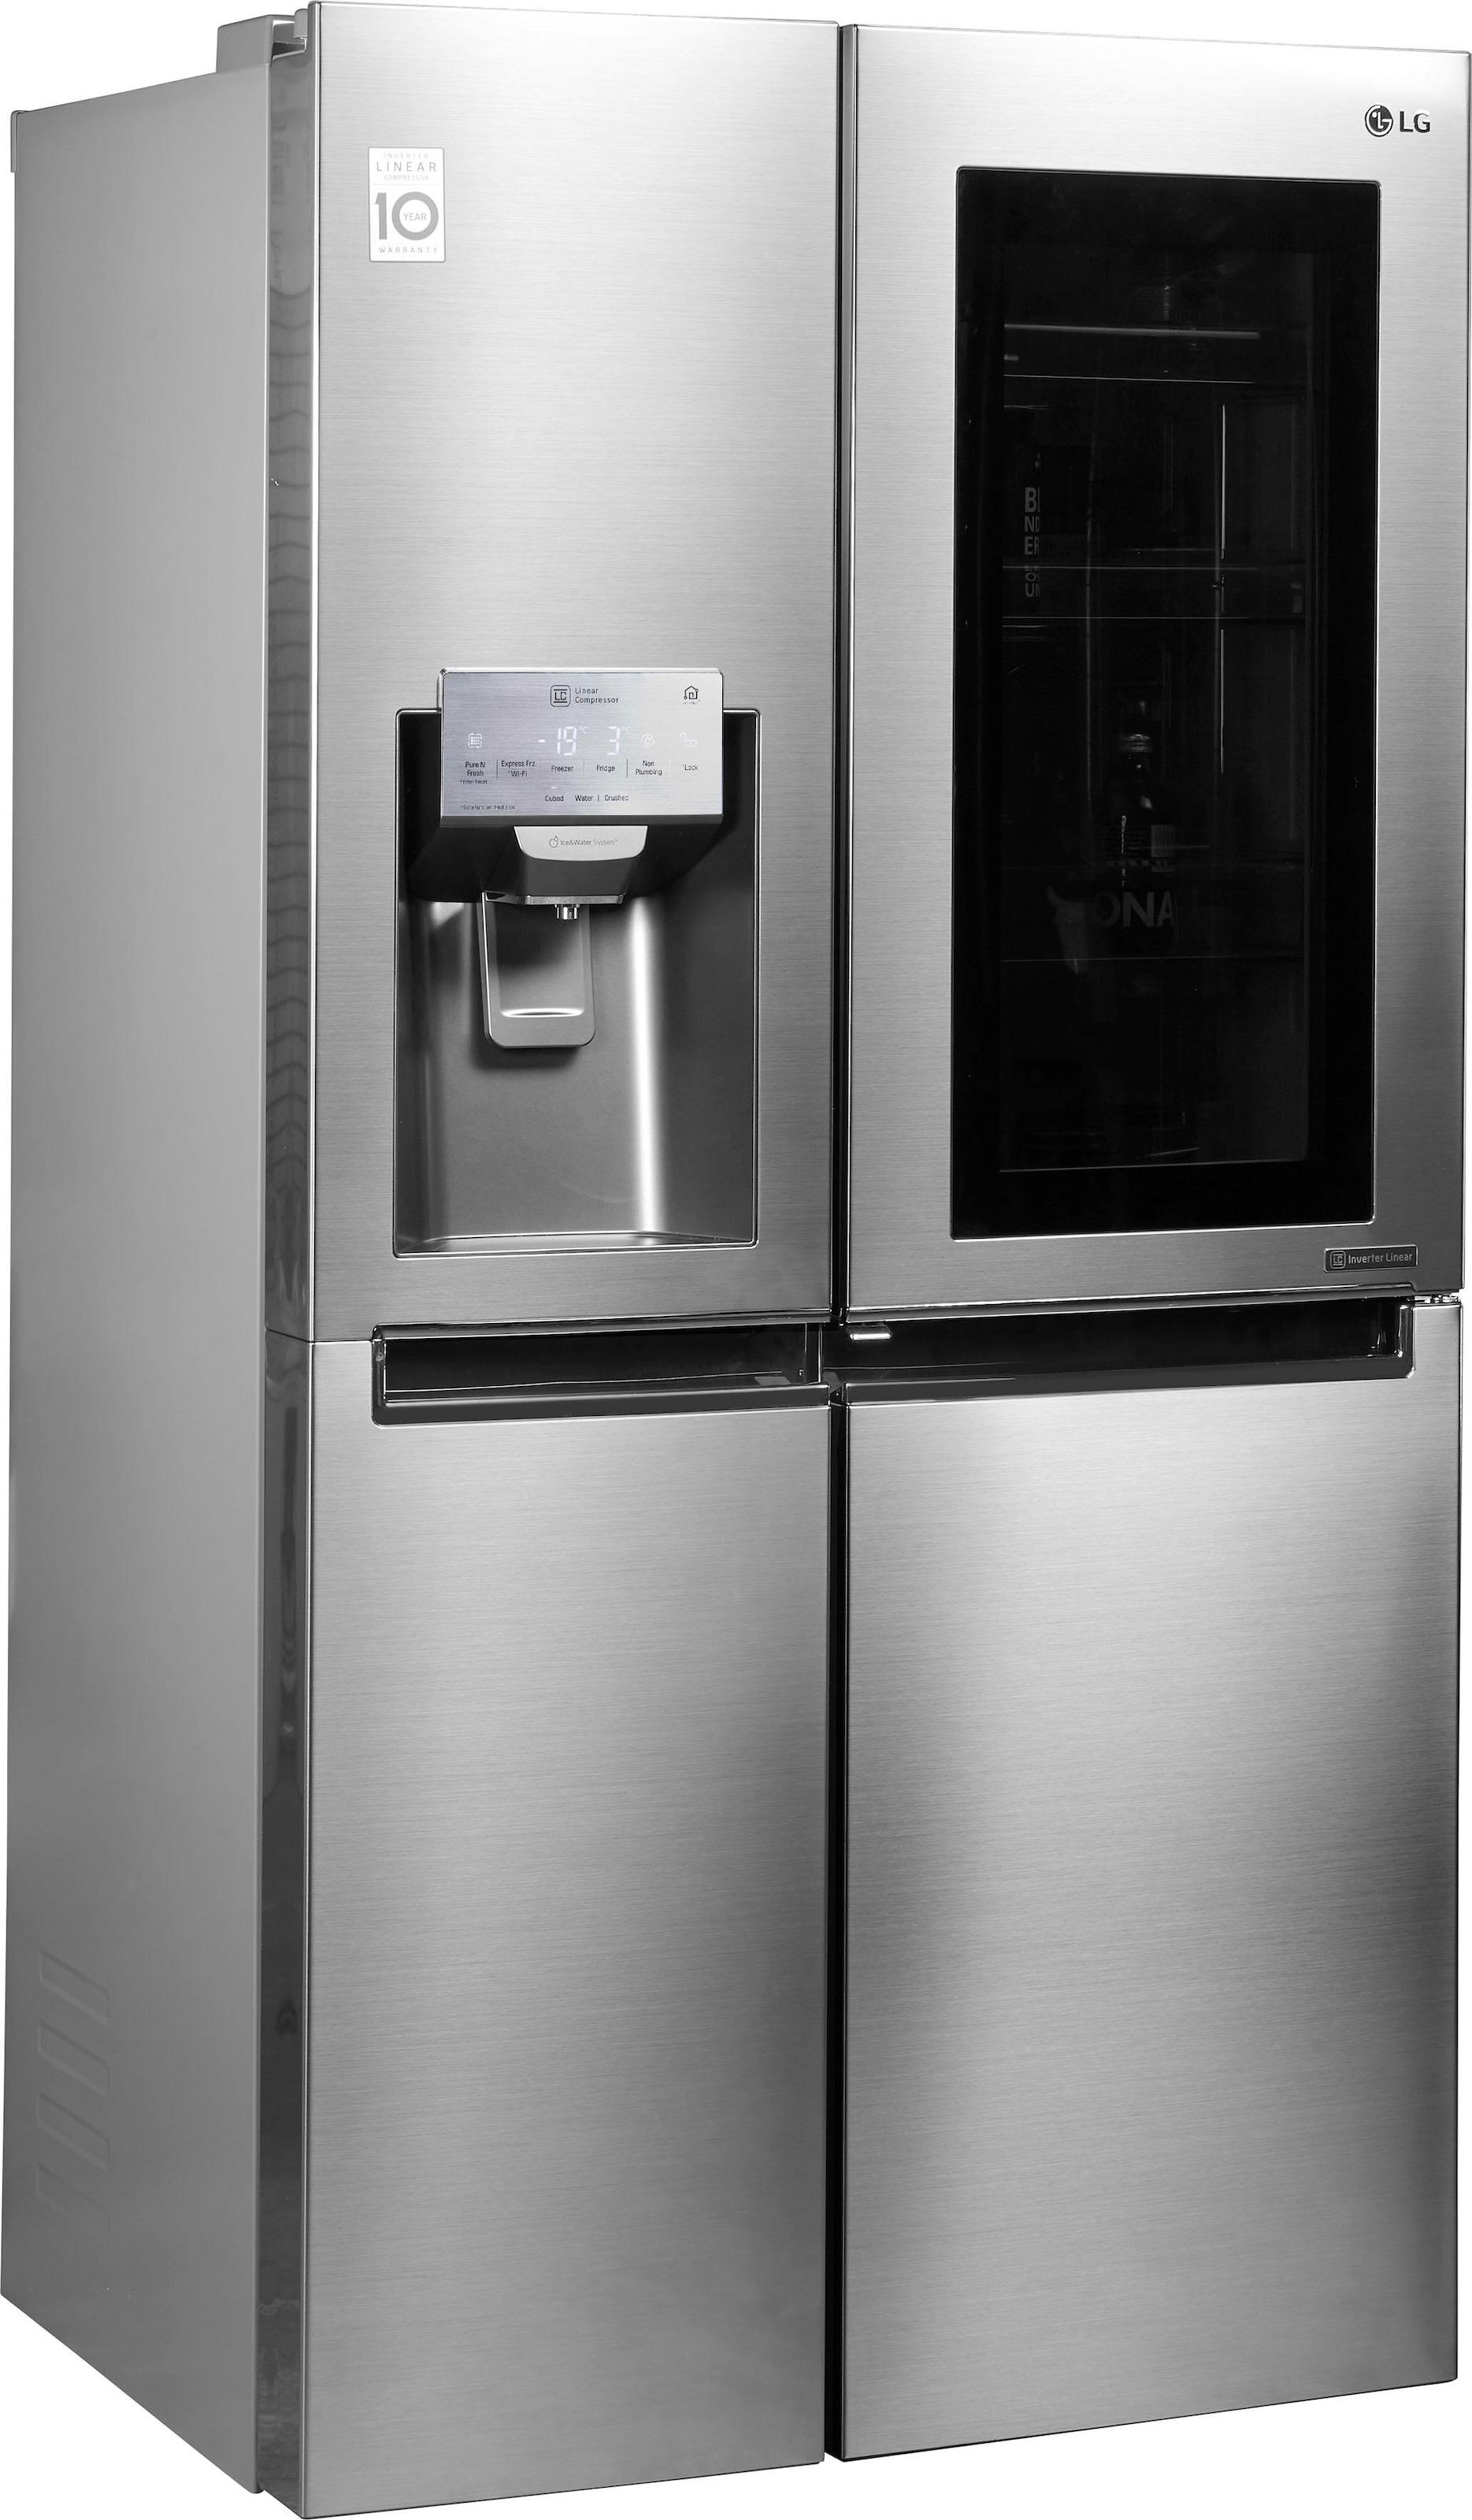 Amerikanischer Kühlschrank 80 Cm Breit : Side by side kühlschrank auf rechnung raten kaufen